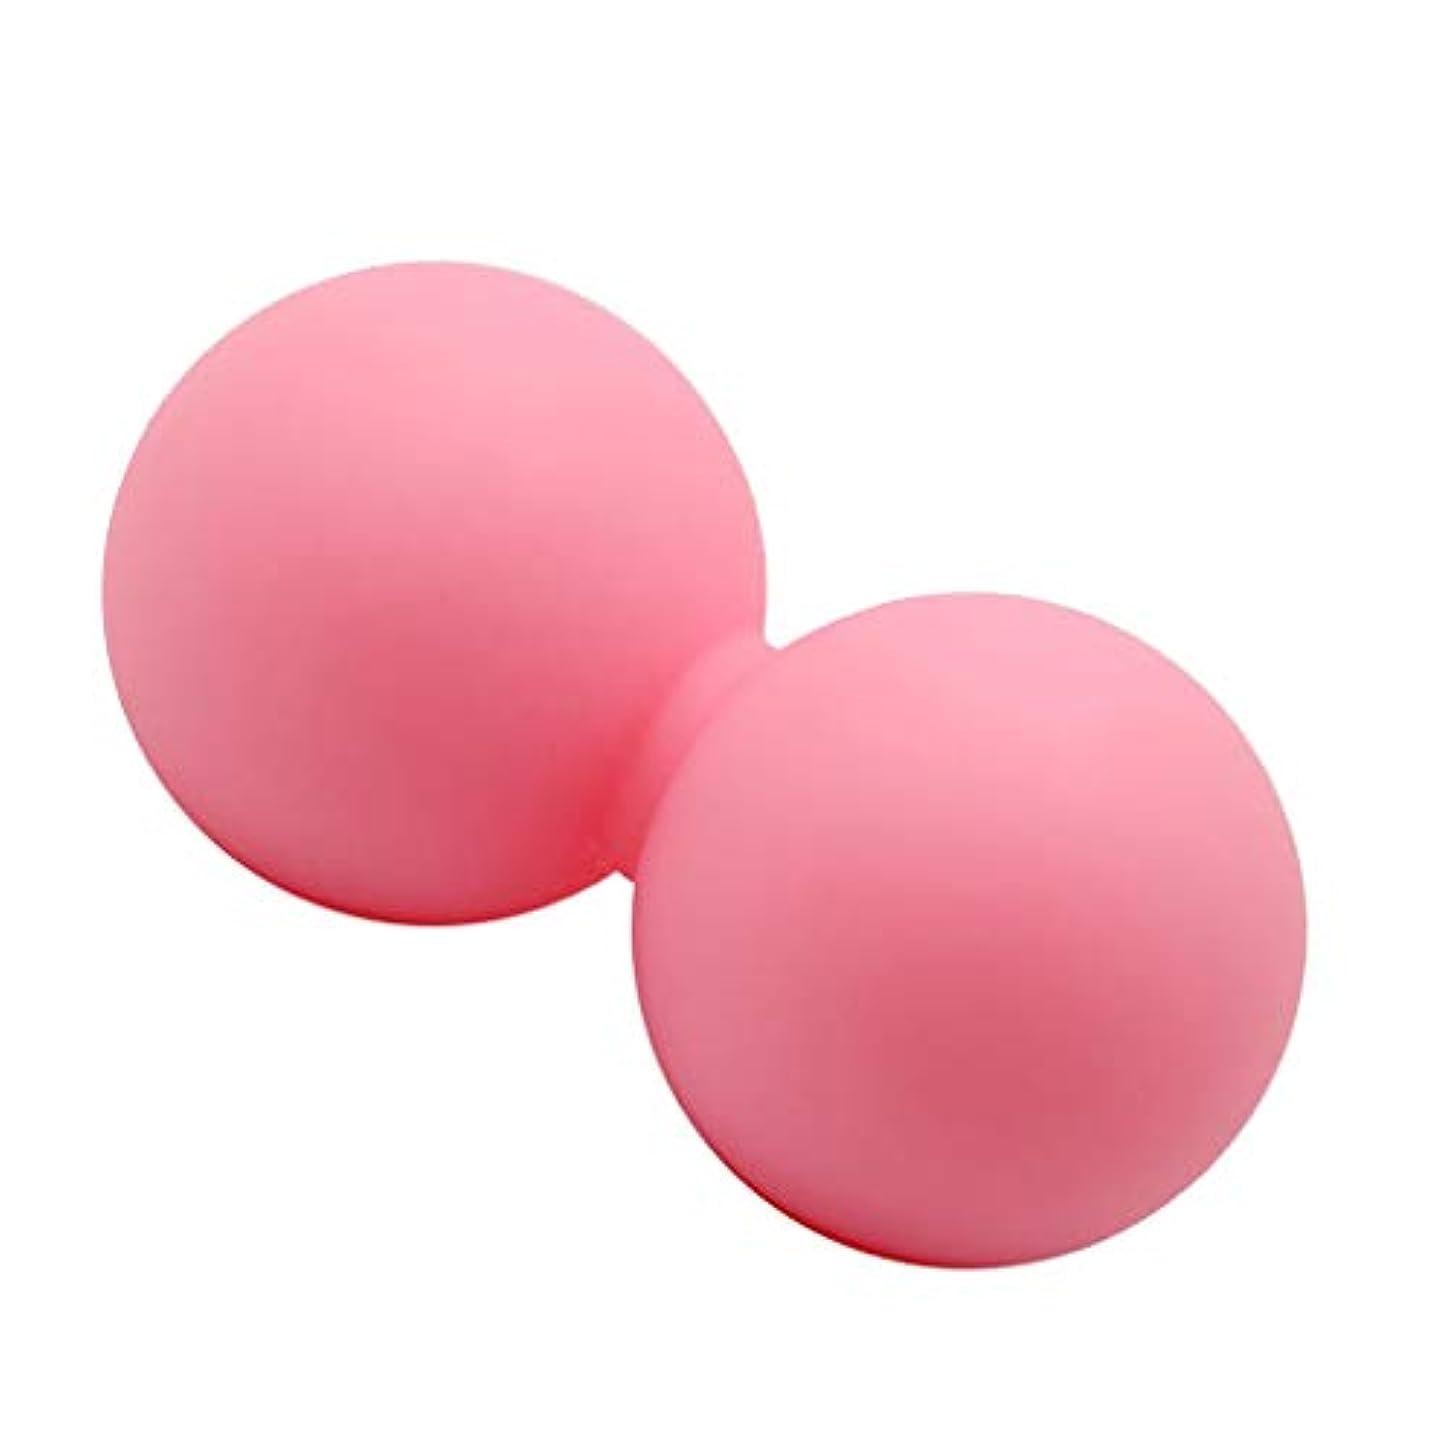 鎮静剤本会議効率マッサージ ヨガボール ピーナッツ形 痛み緩和 ピンク